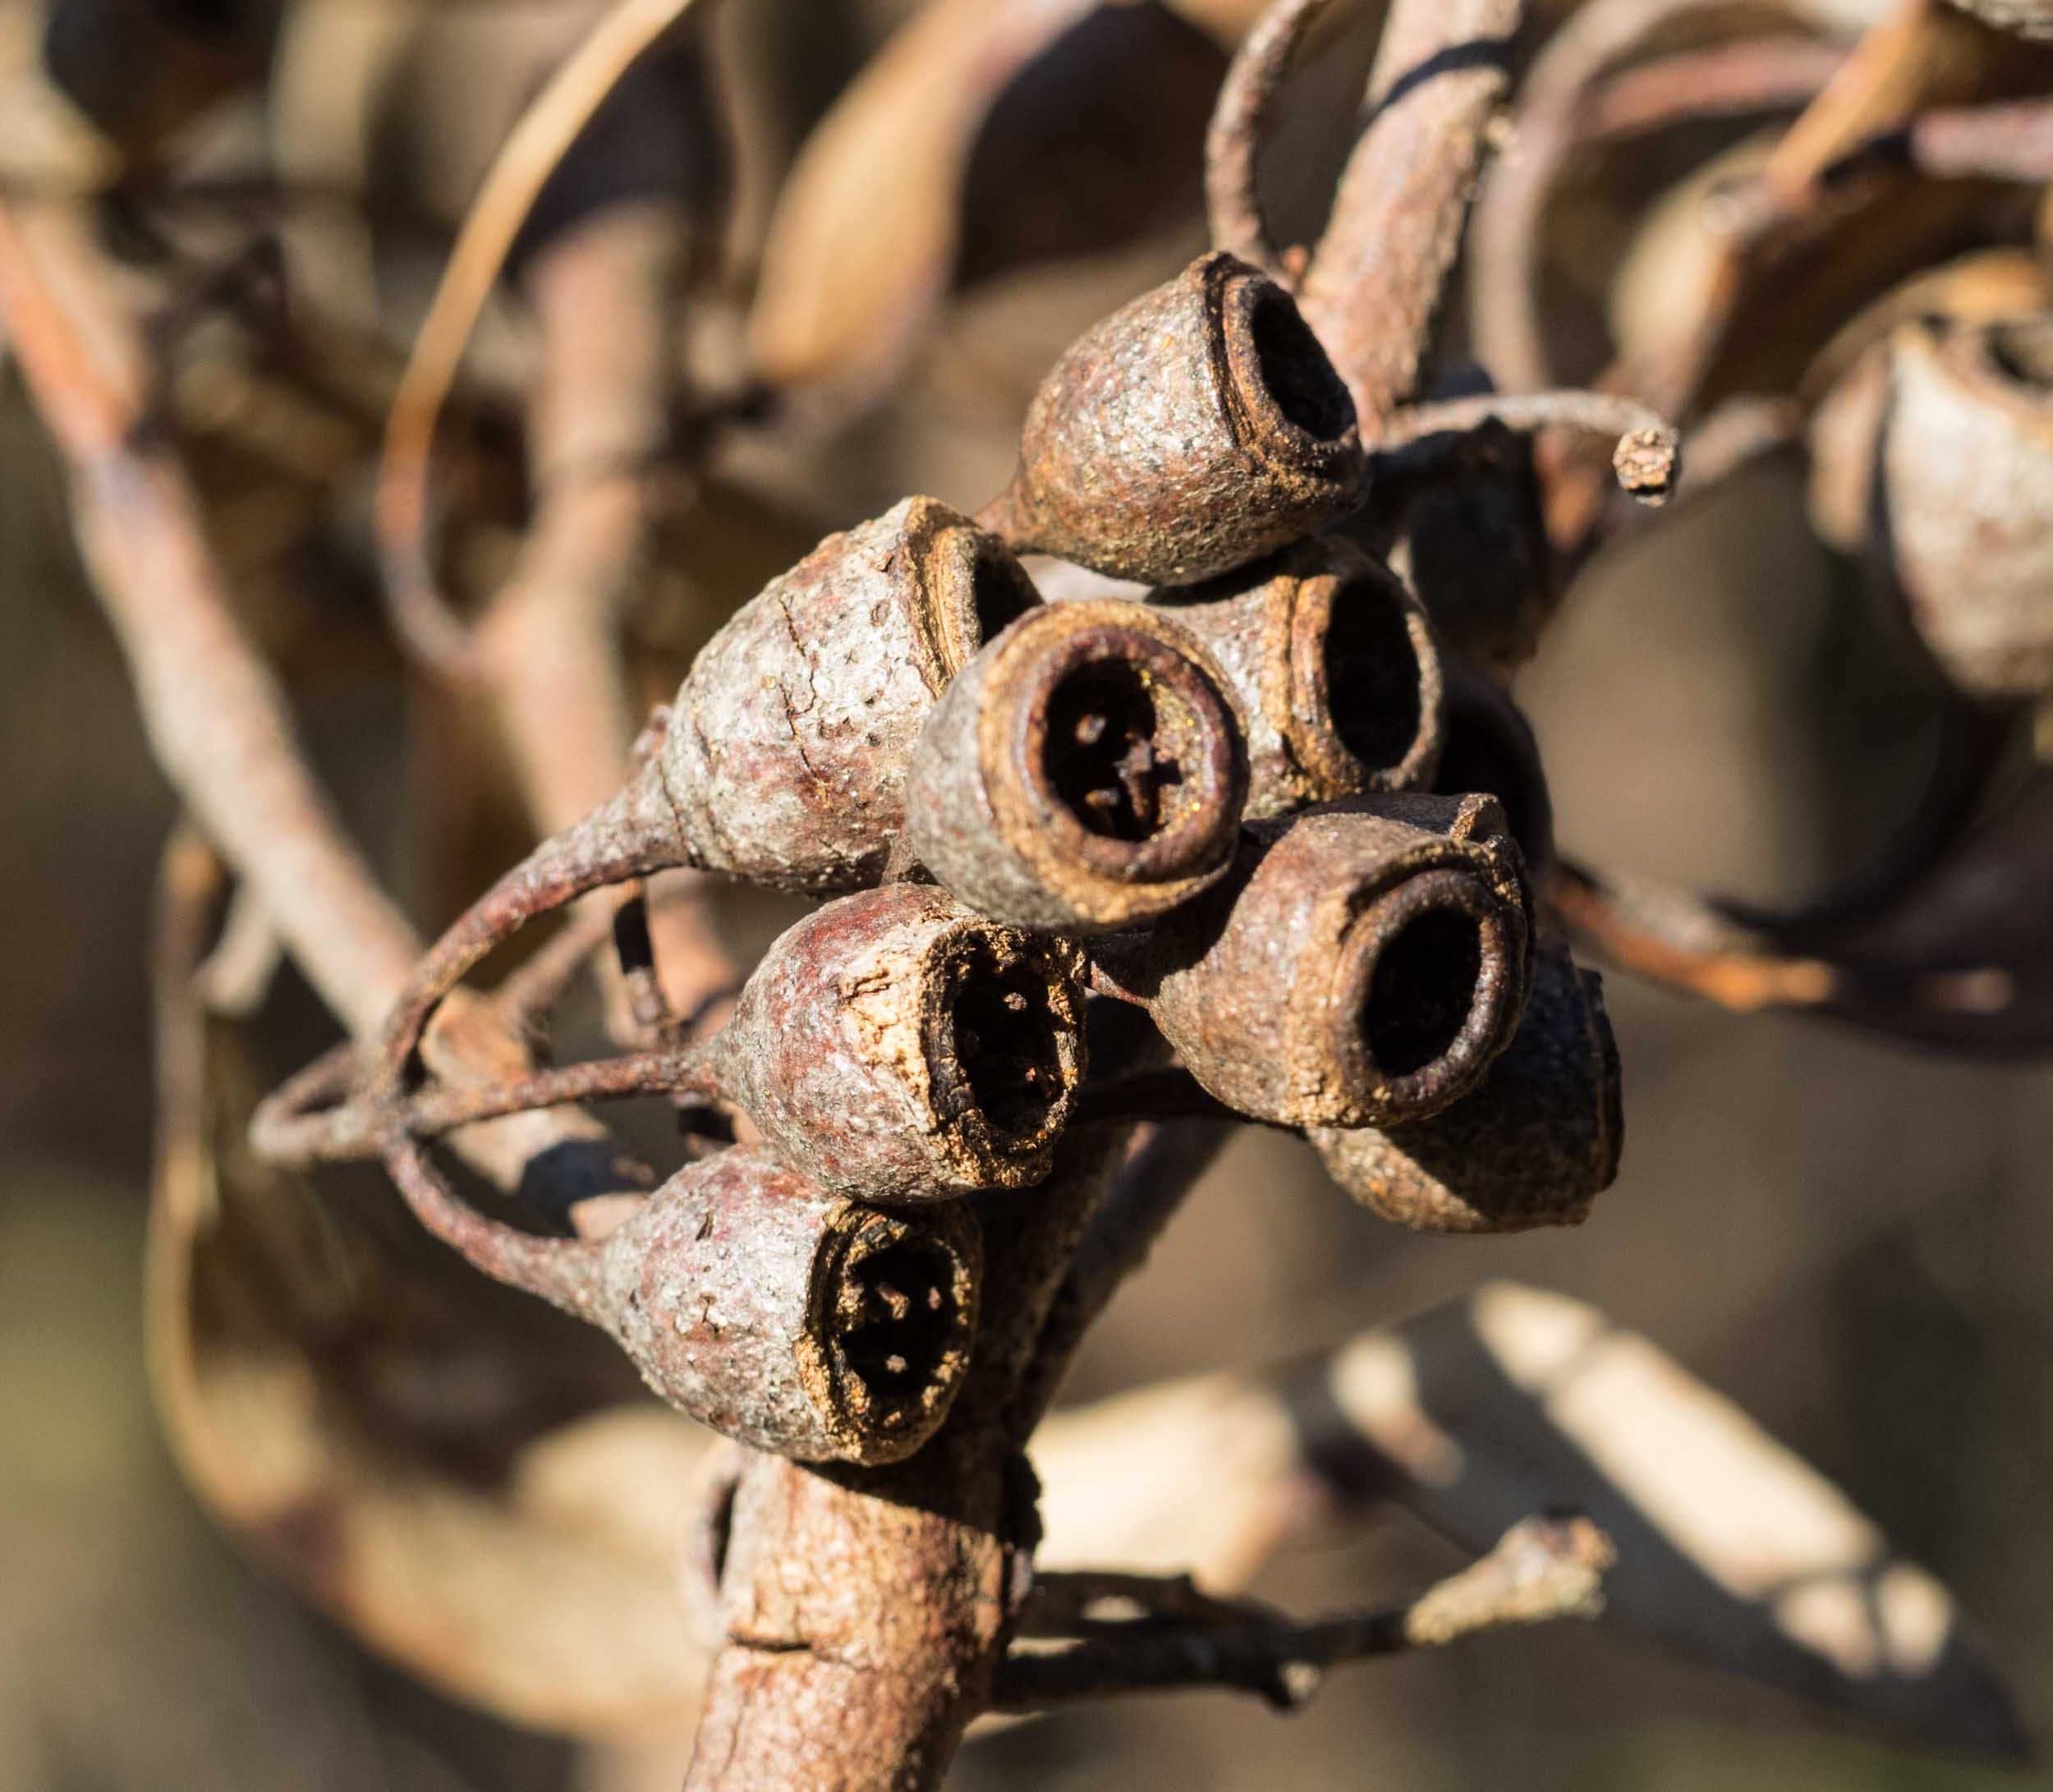 E. longifolia  fruit have a distinctive goblet shape